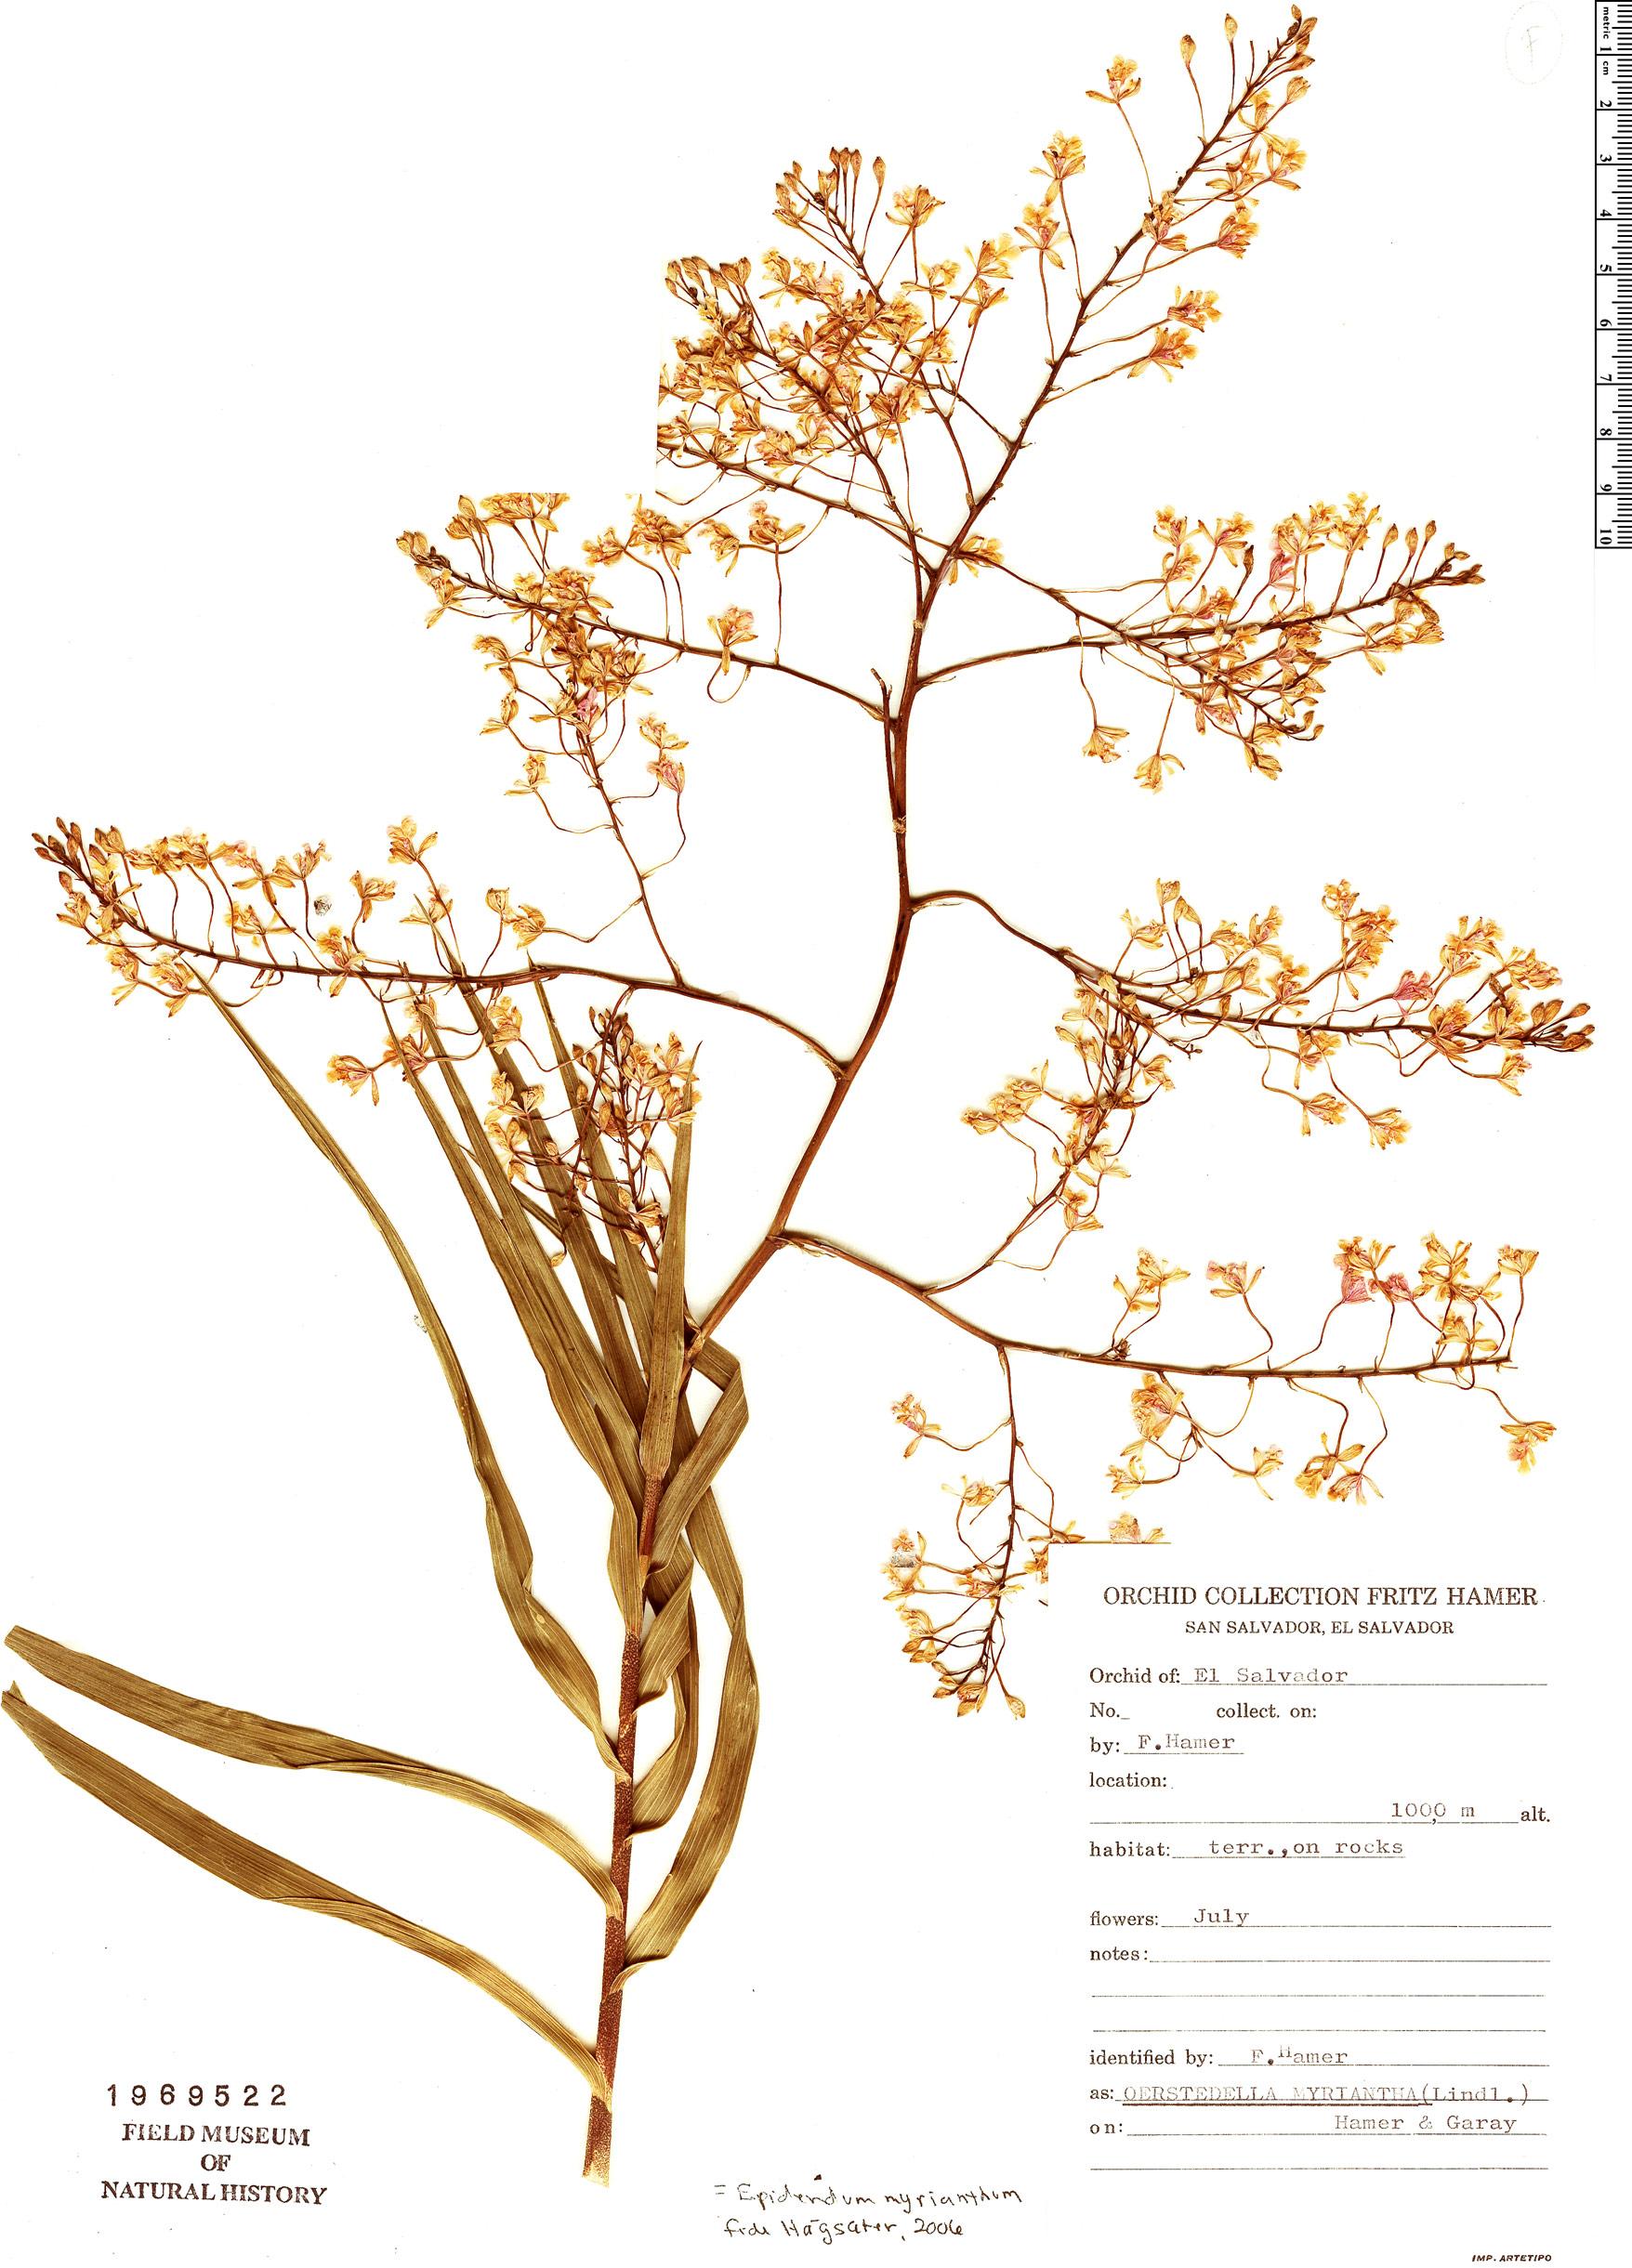 Specimen: Epidendrum myrianthum